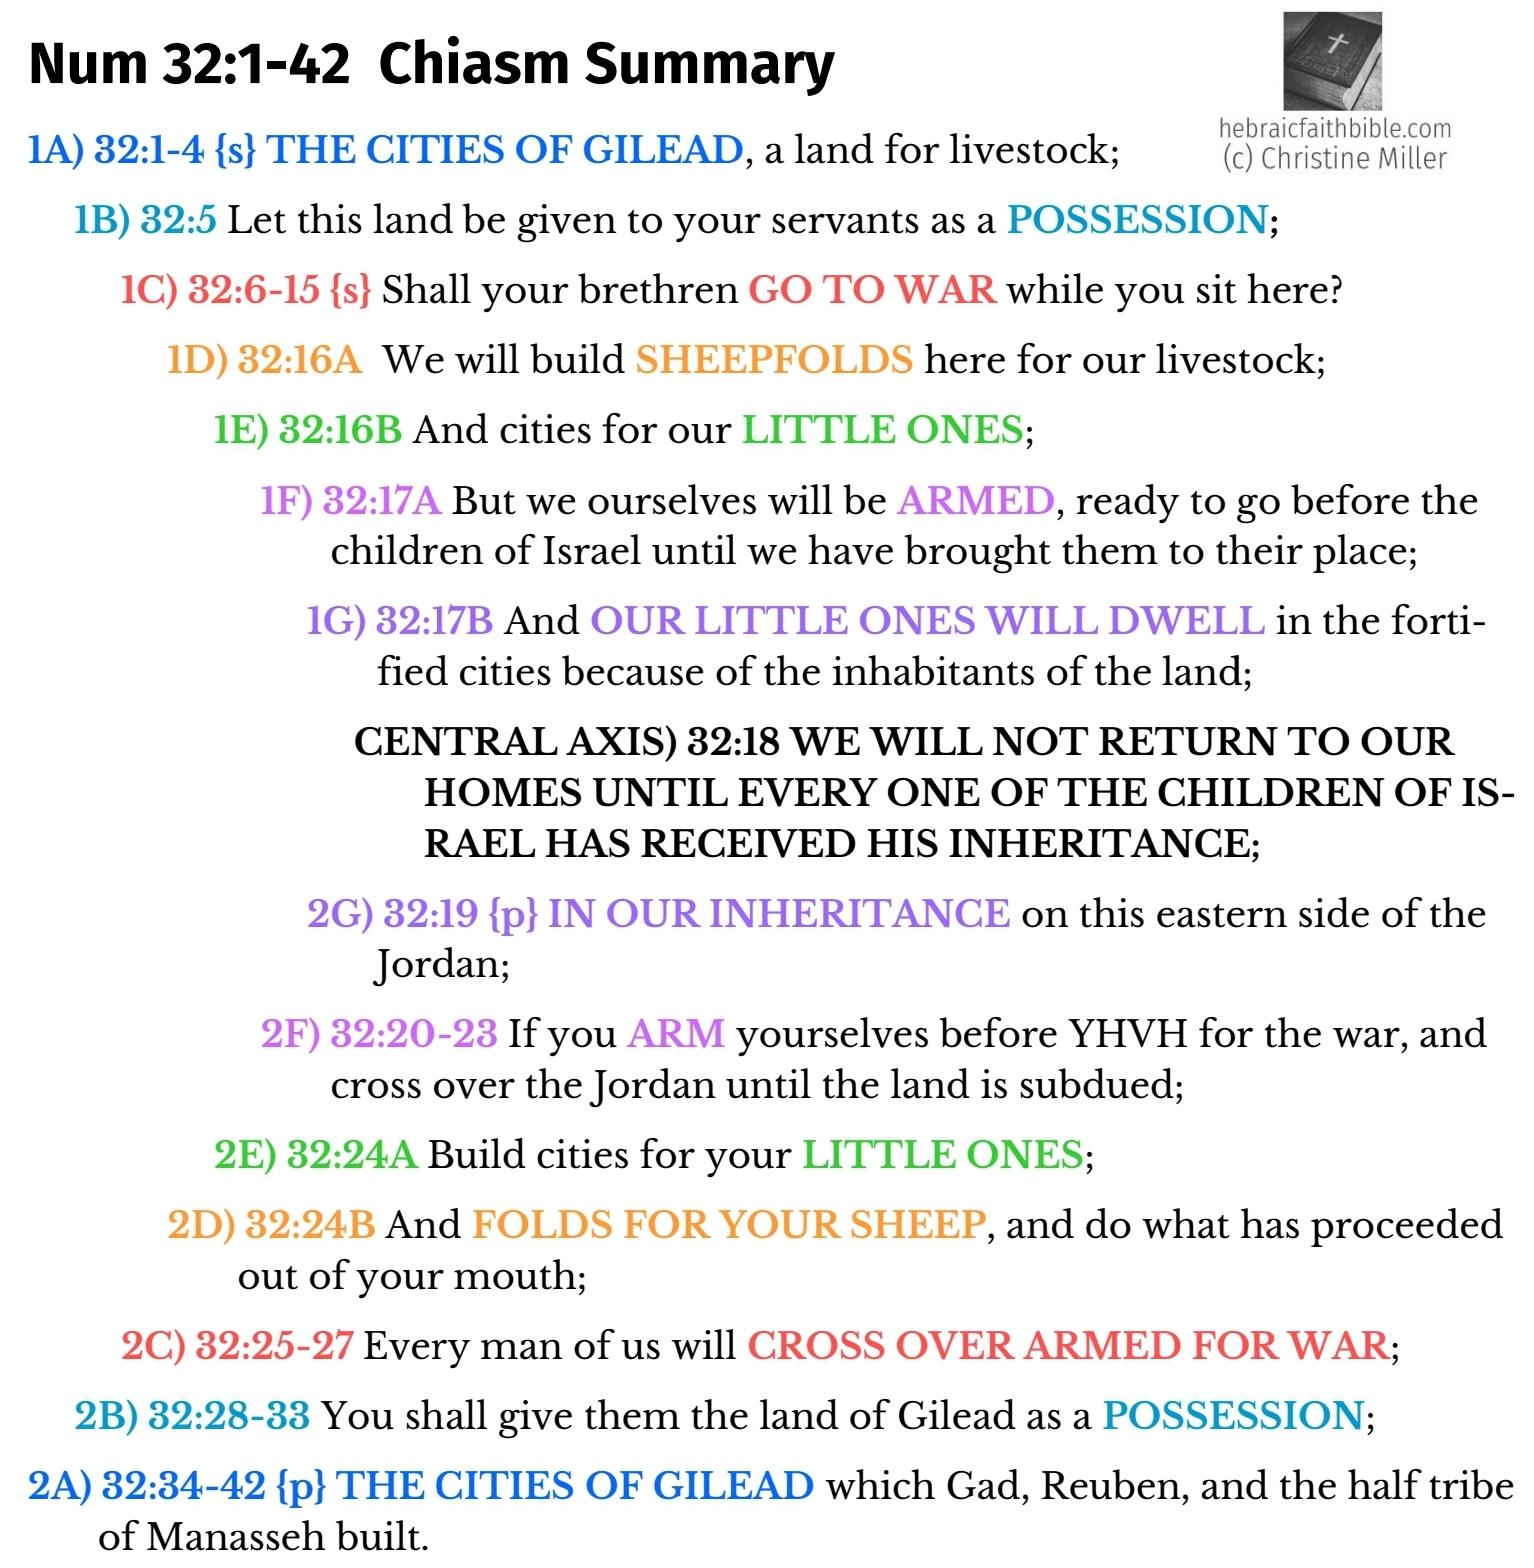 Num 32:1-42 Chiasm | hebraicfaithbible.com